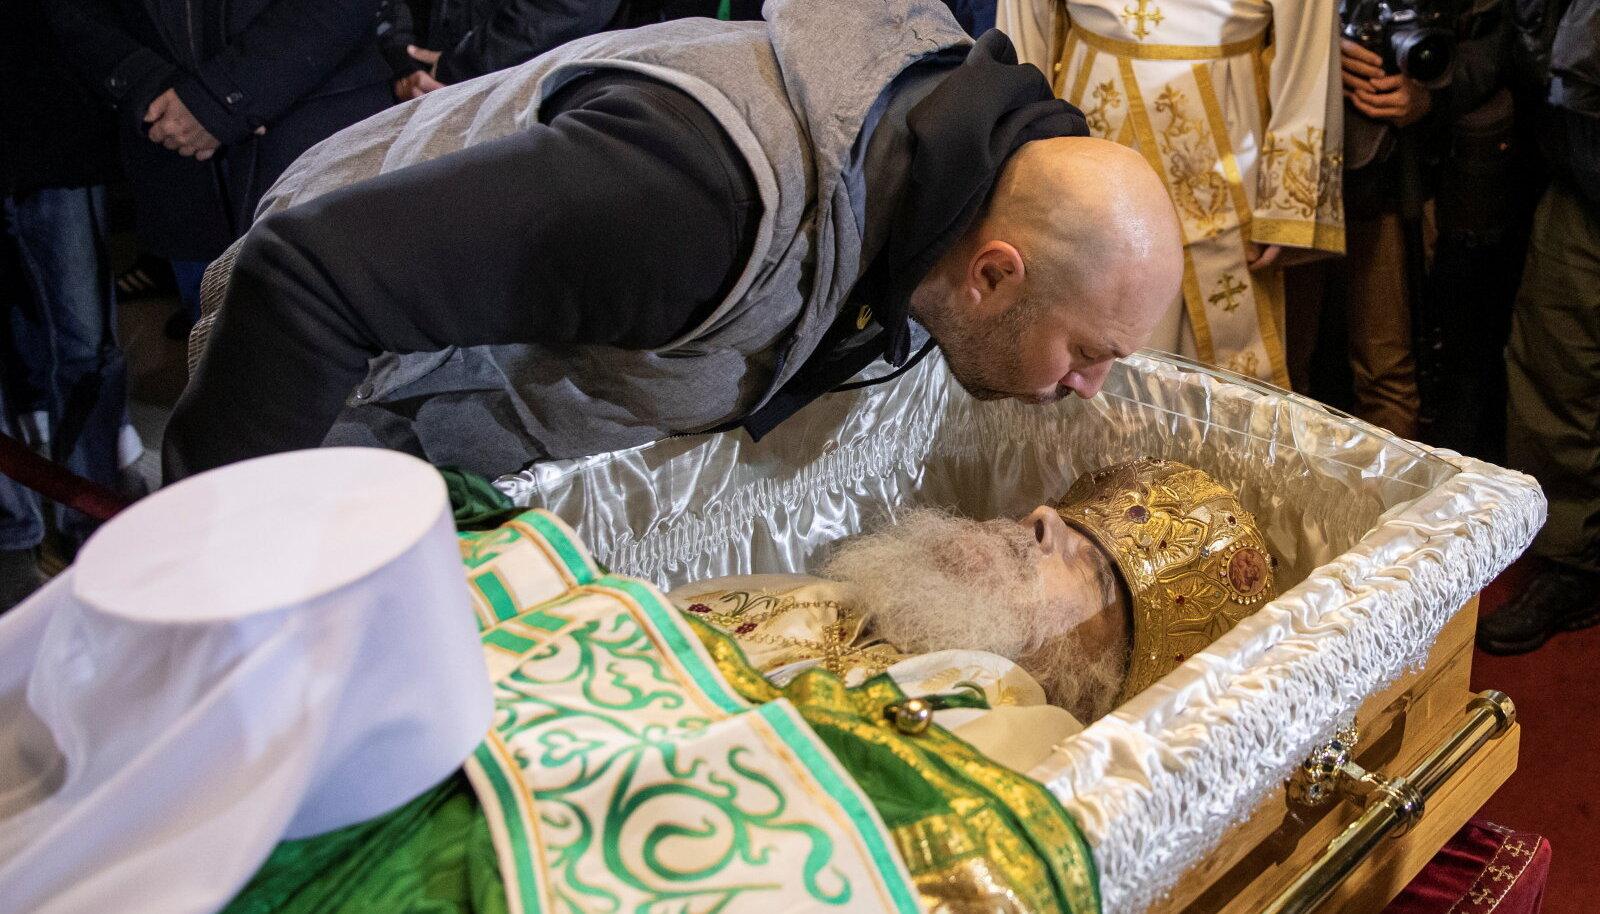 Usklike tõkestamiseks pandi Serbia õigeusu kiriku patriarh Irineji kirstule pleksiklaas.